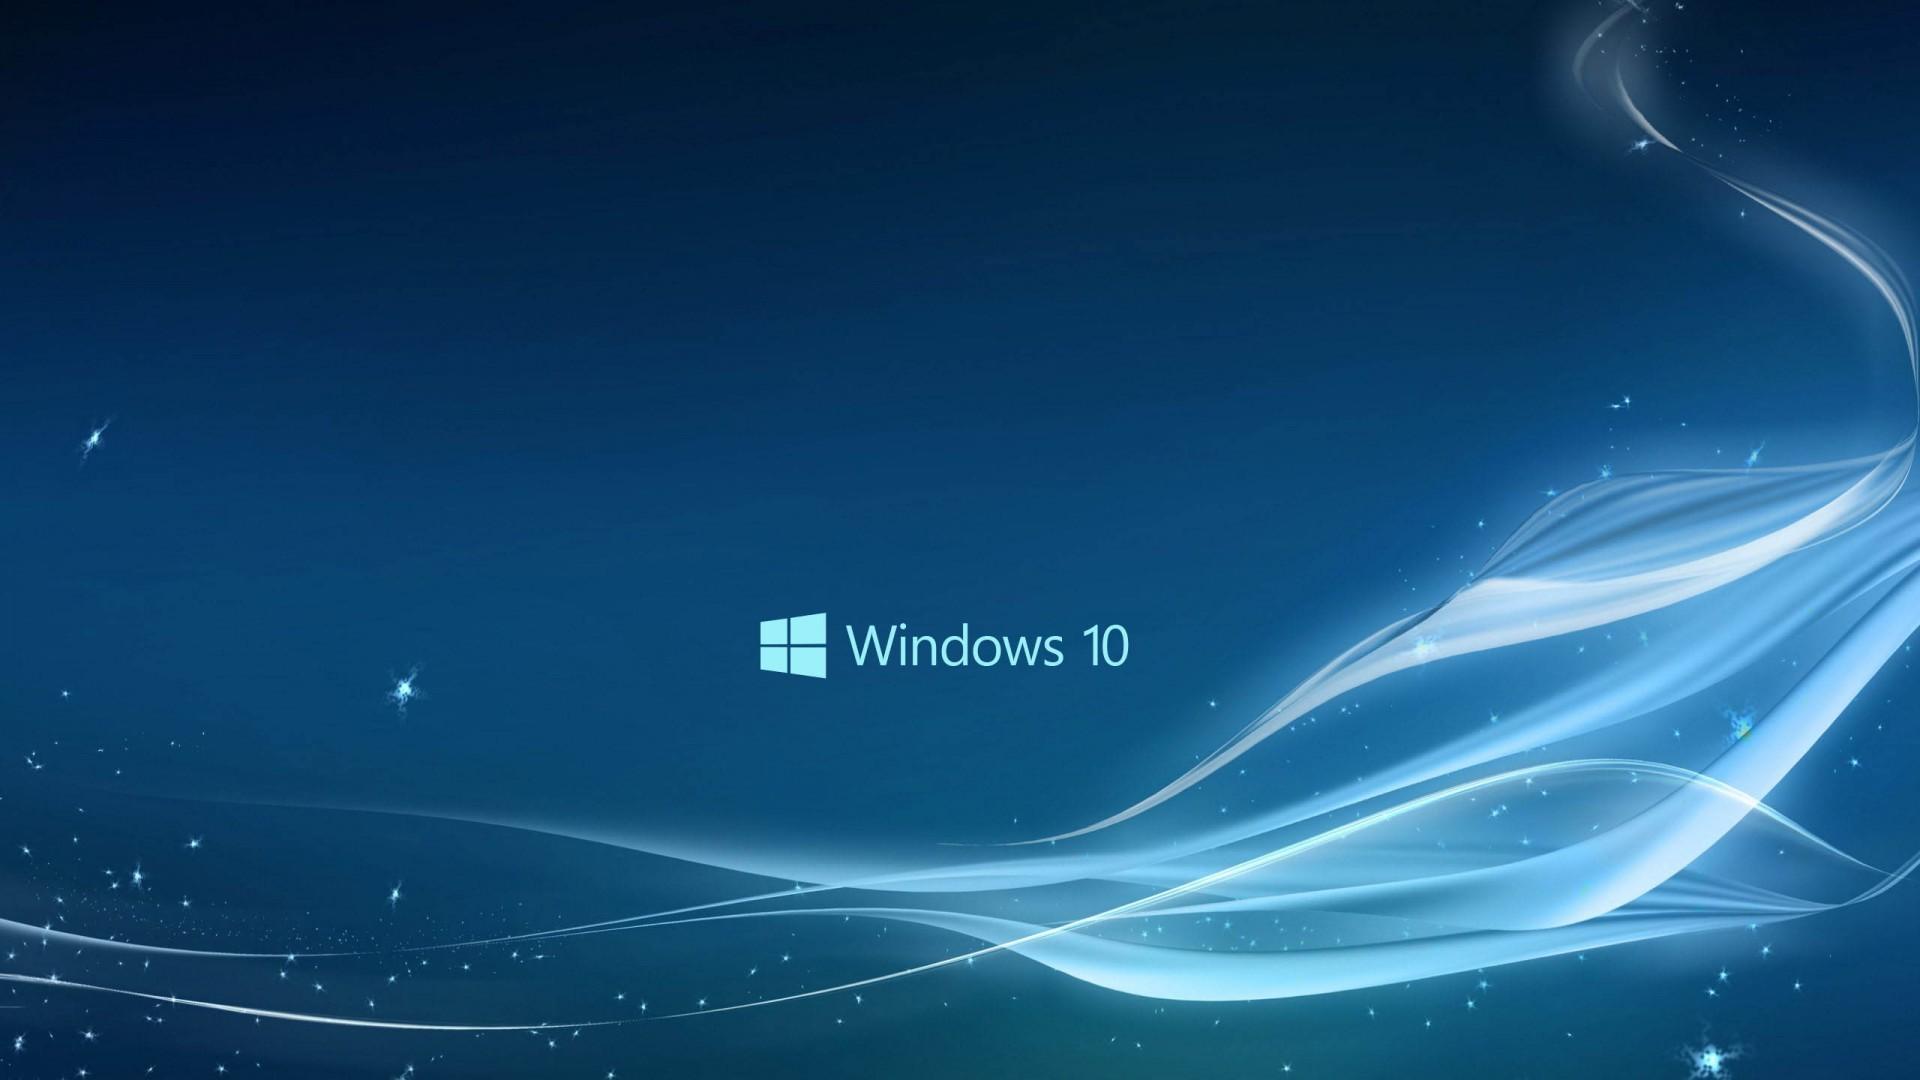 59 Windows 10 1080p